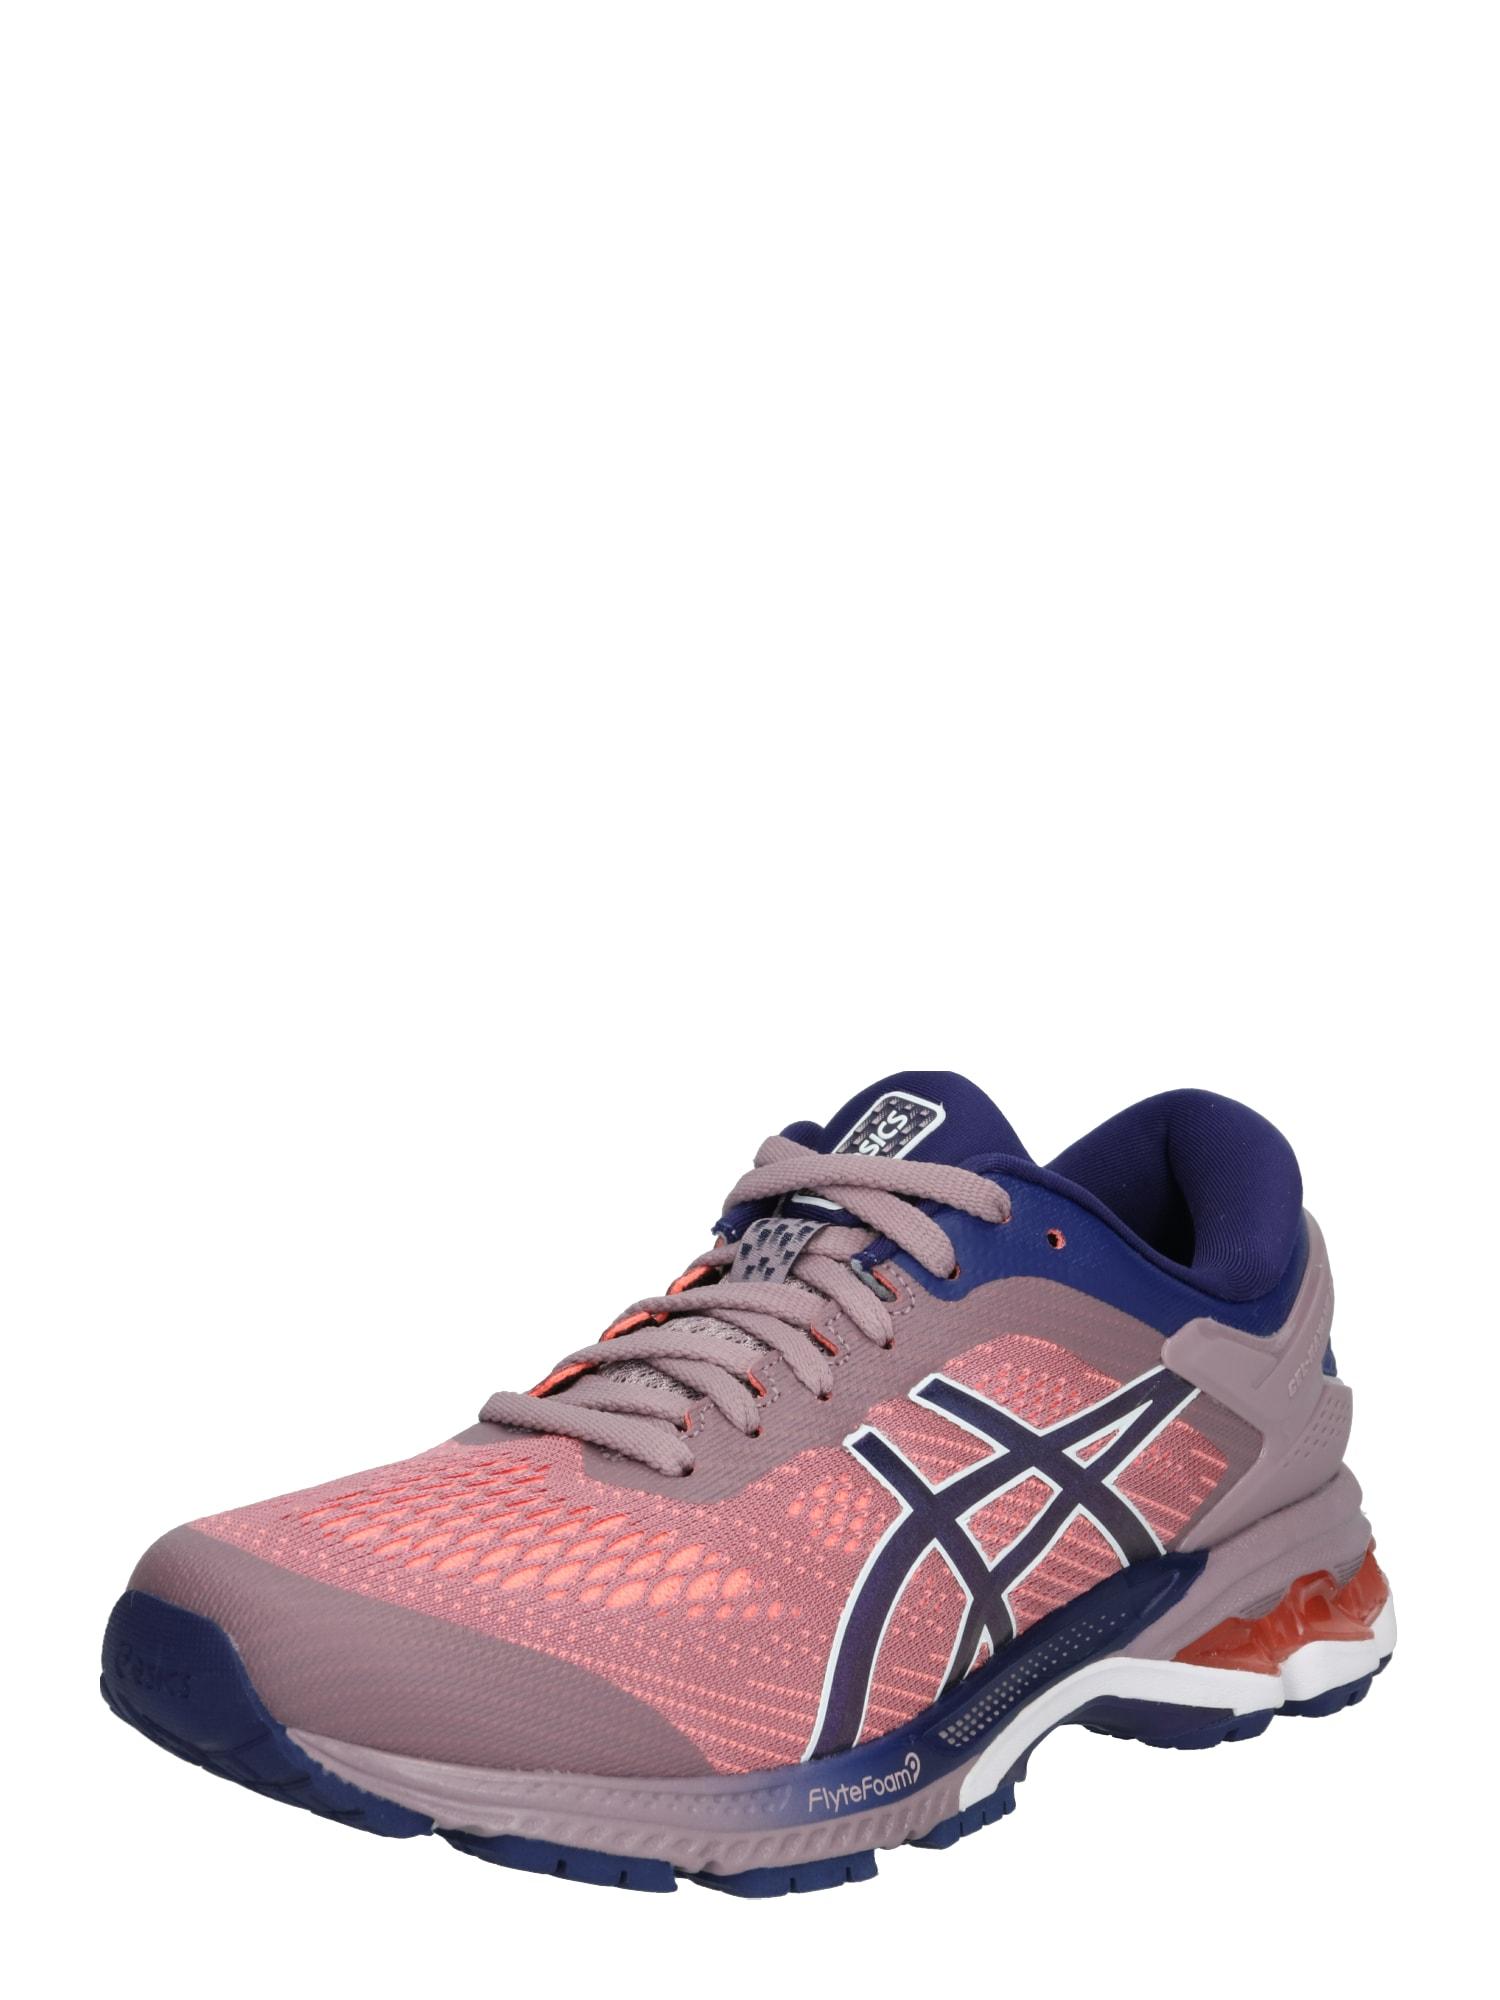 Běžecká obuv GEL-KAYANO 26 tmavě modrá šeříková oranžová ASICS